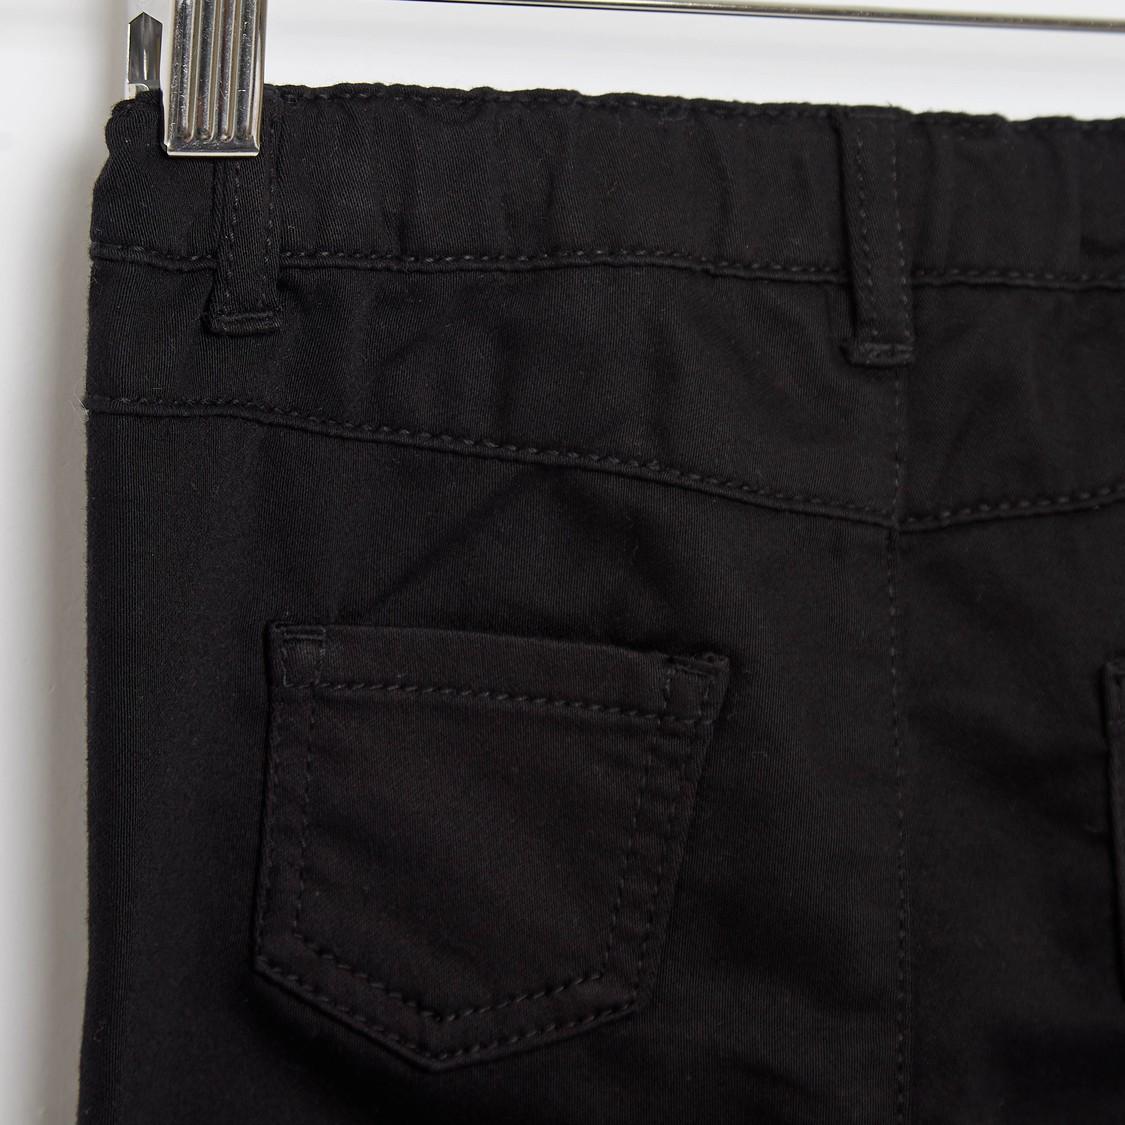 بنطلون جينز سادة كومفورت فيت بـ5 جيوب وزر إغلاق